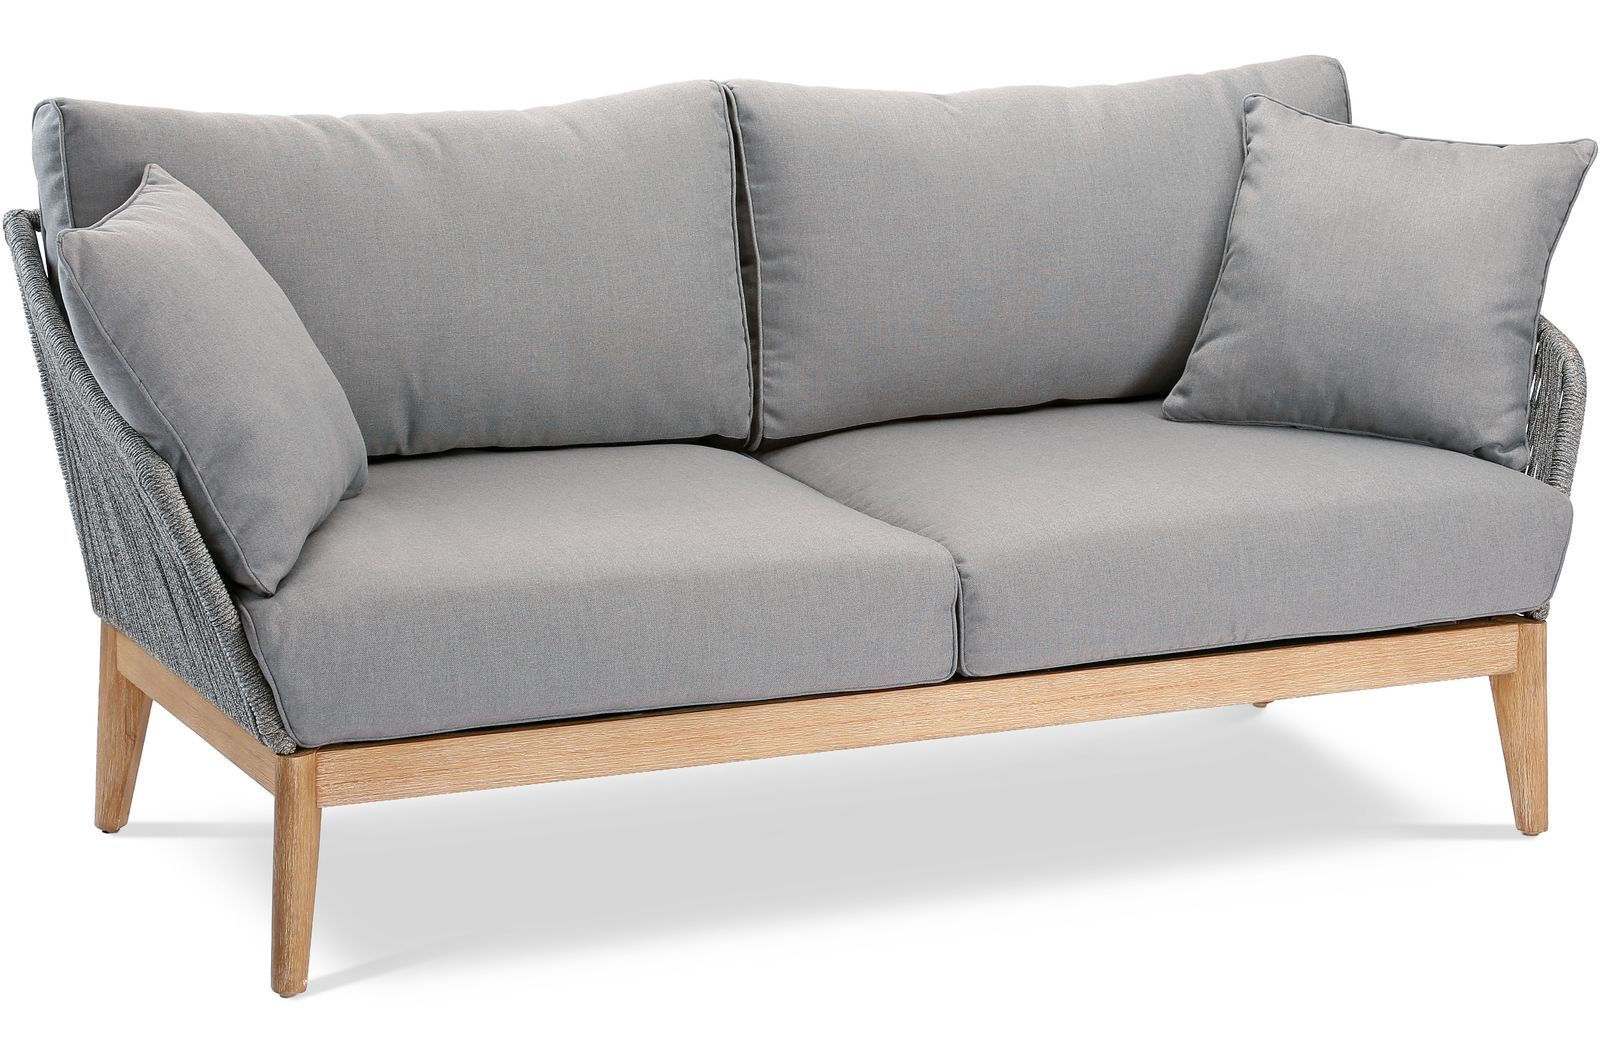 Full Size of Weiches Sofa Best Couch Samos Big Xxl Walter Knoll Mit Schlaffunktion In L Form Relaxfunktion Elektrisch Freistil Rattan Grau Stoff Rolf Benz Dreisitzer 2er Sofa Weiches Sofa